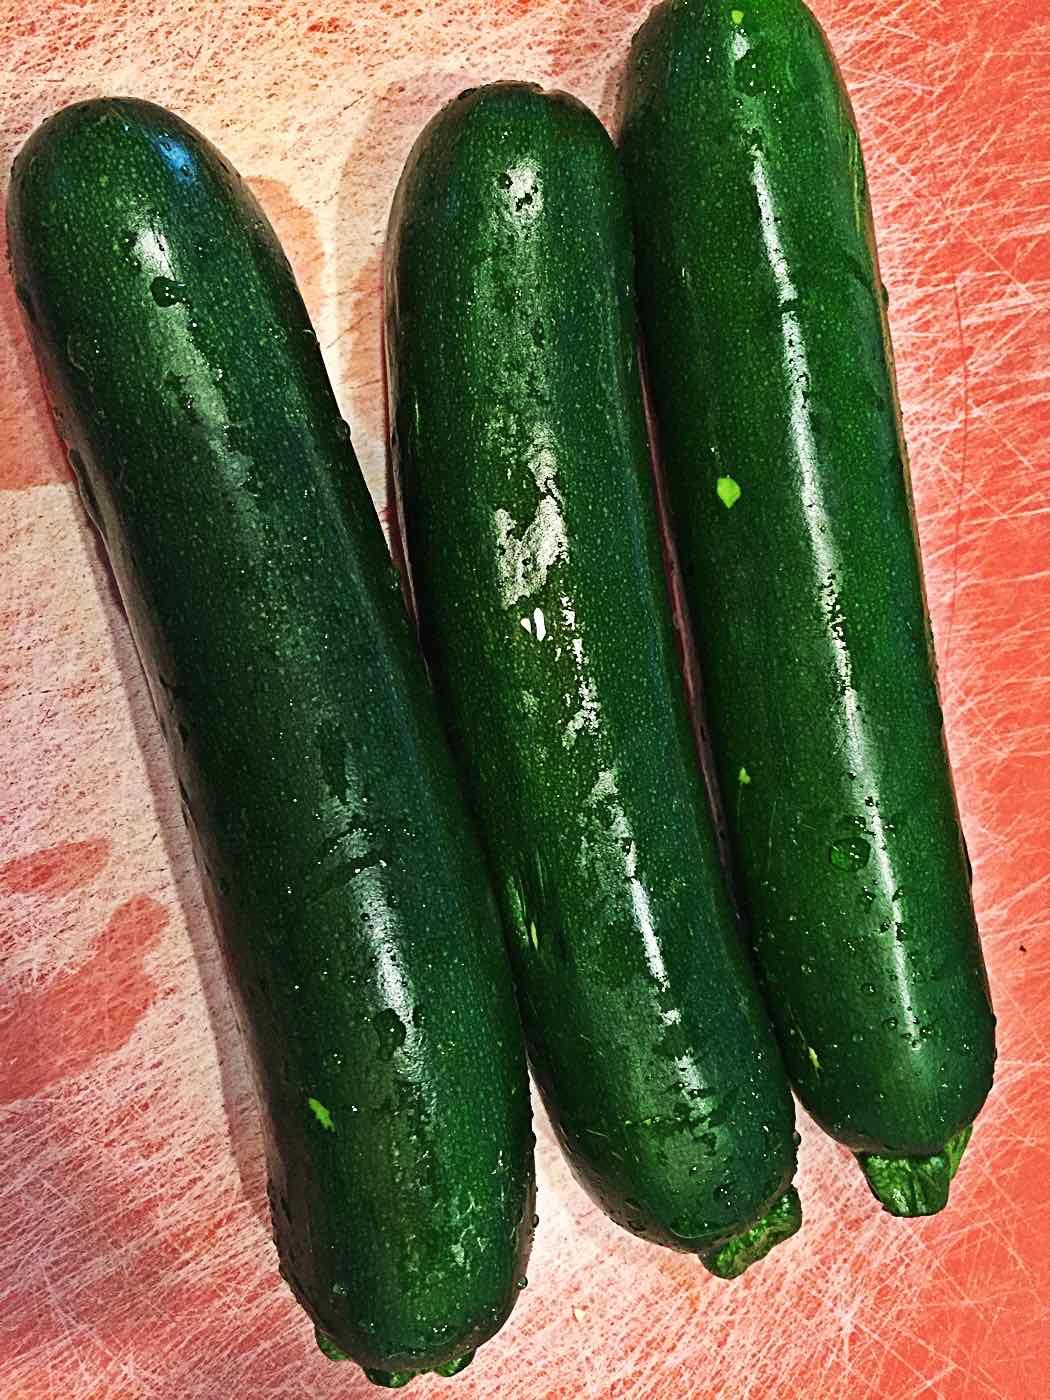 Zucchini whole